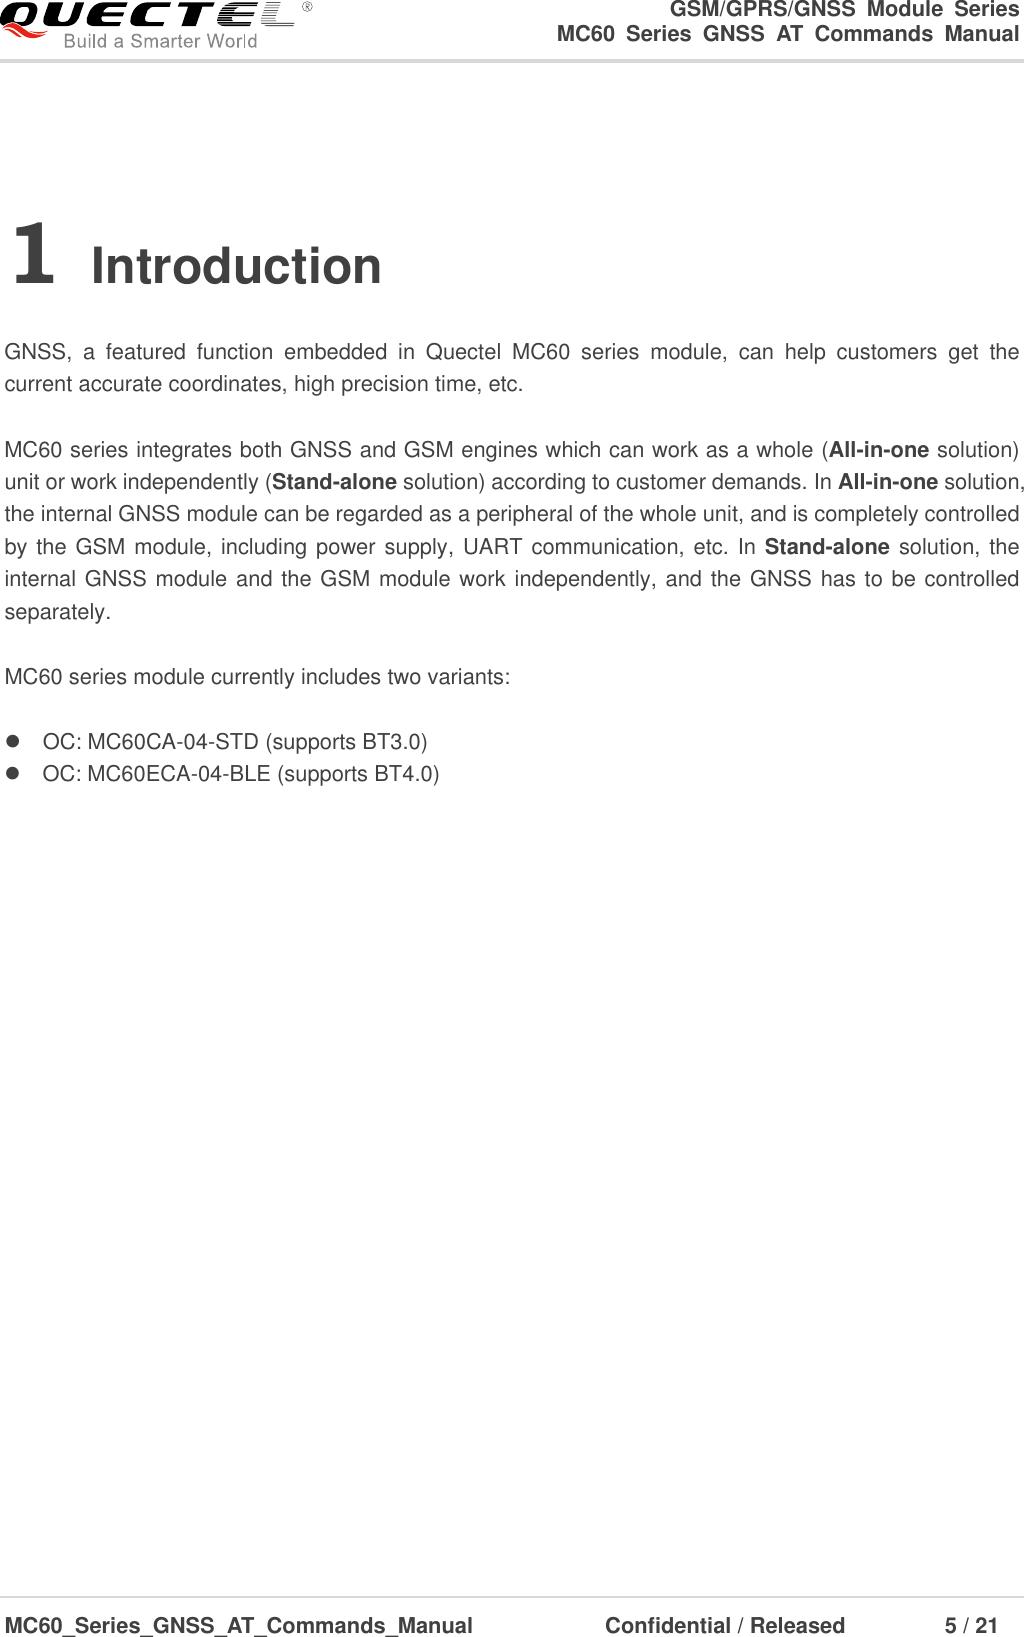 Quectel MC60 Series GNSS AT Commands Manual V1 3